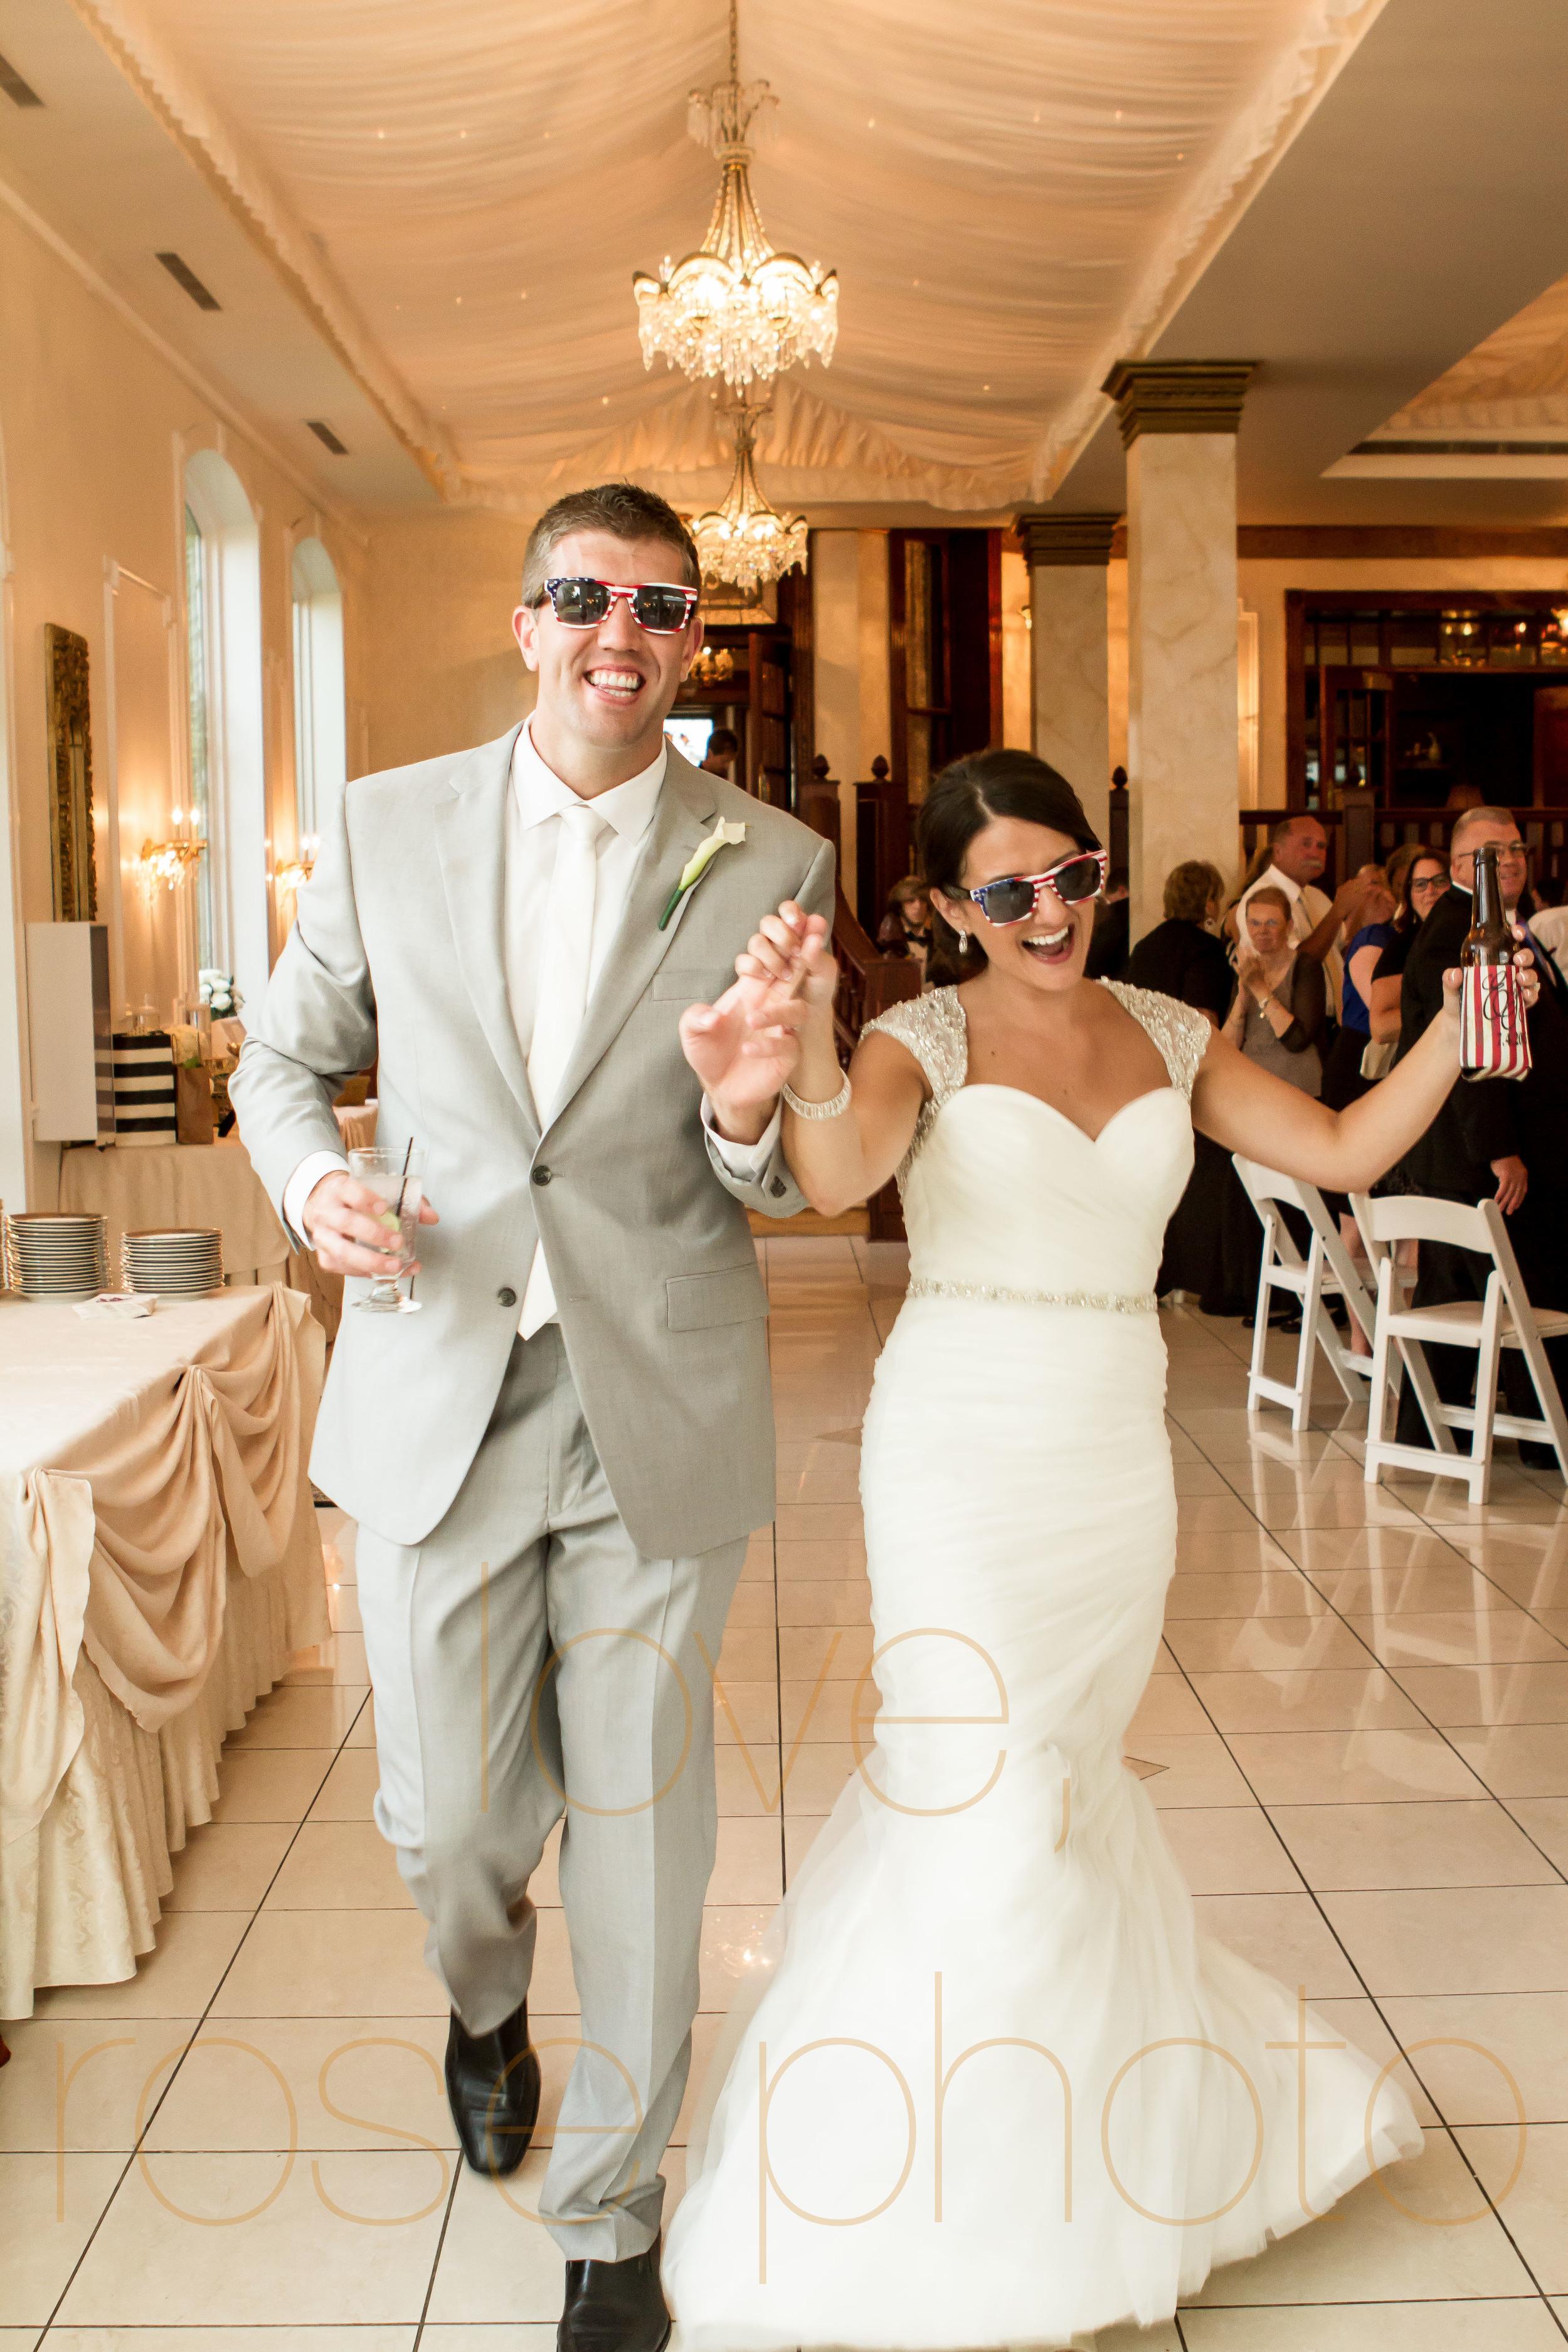 ellen + bryan chicago wedding joliet james healy mansion portrait lifestyle photojournalist photographer -018.jpg